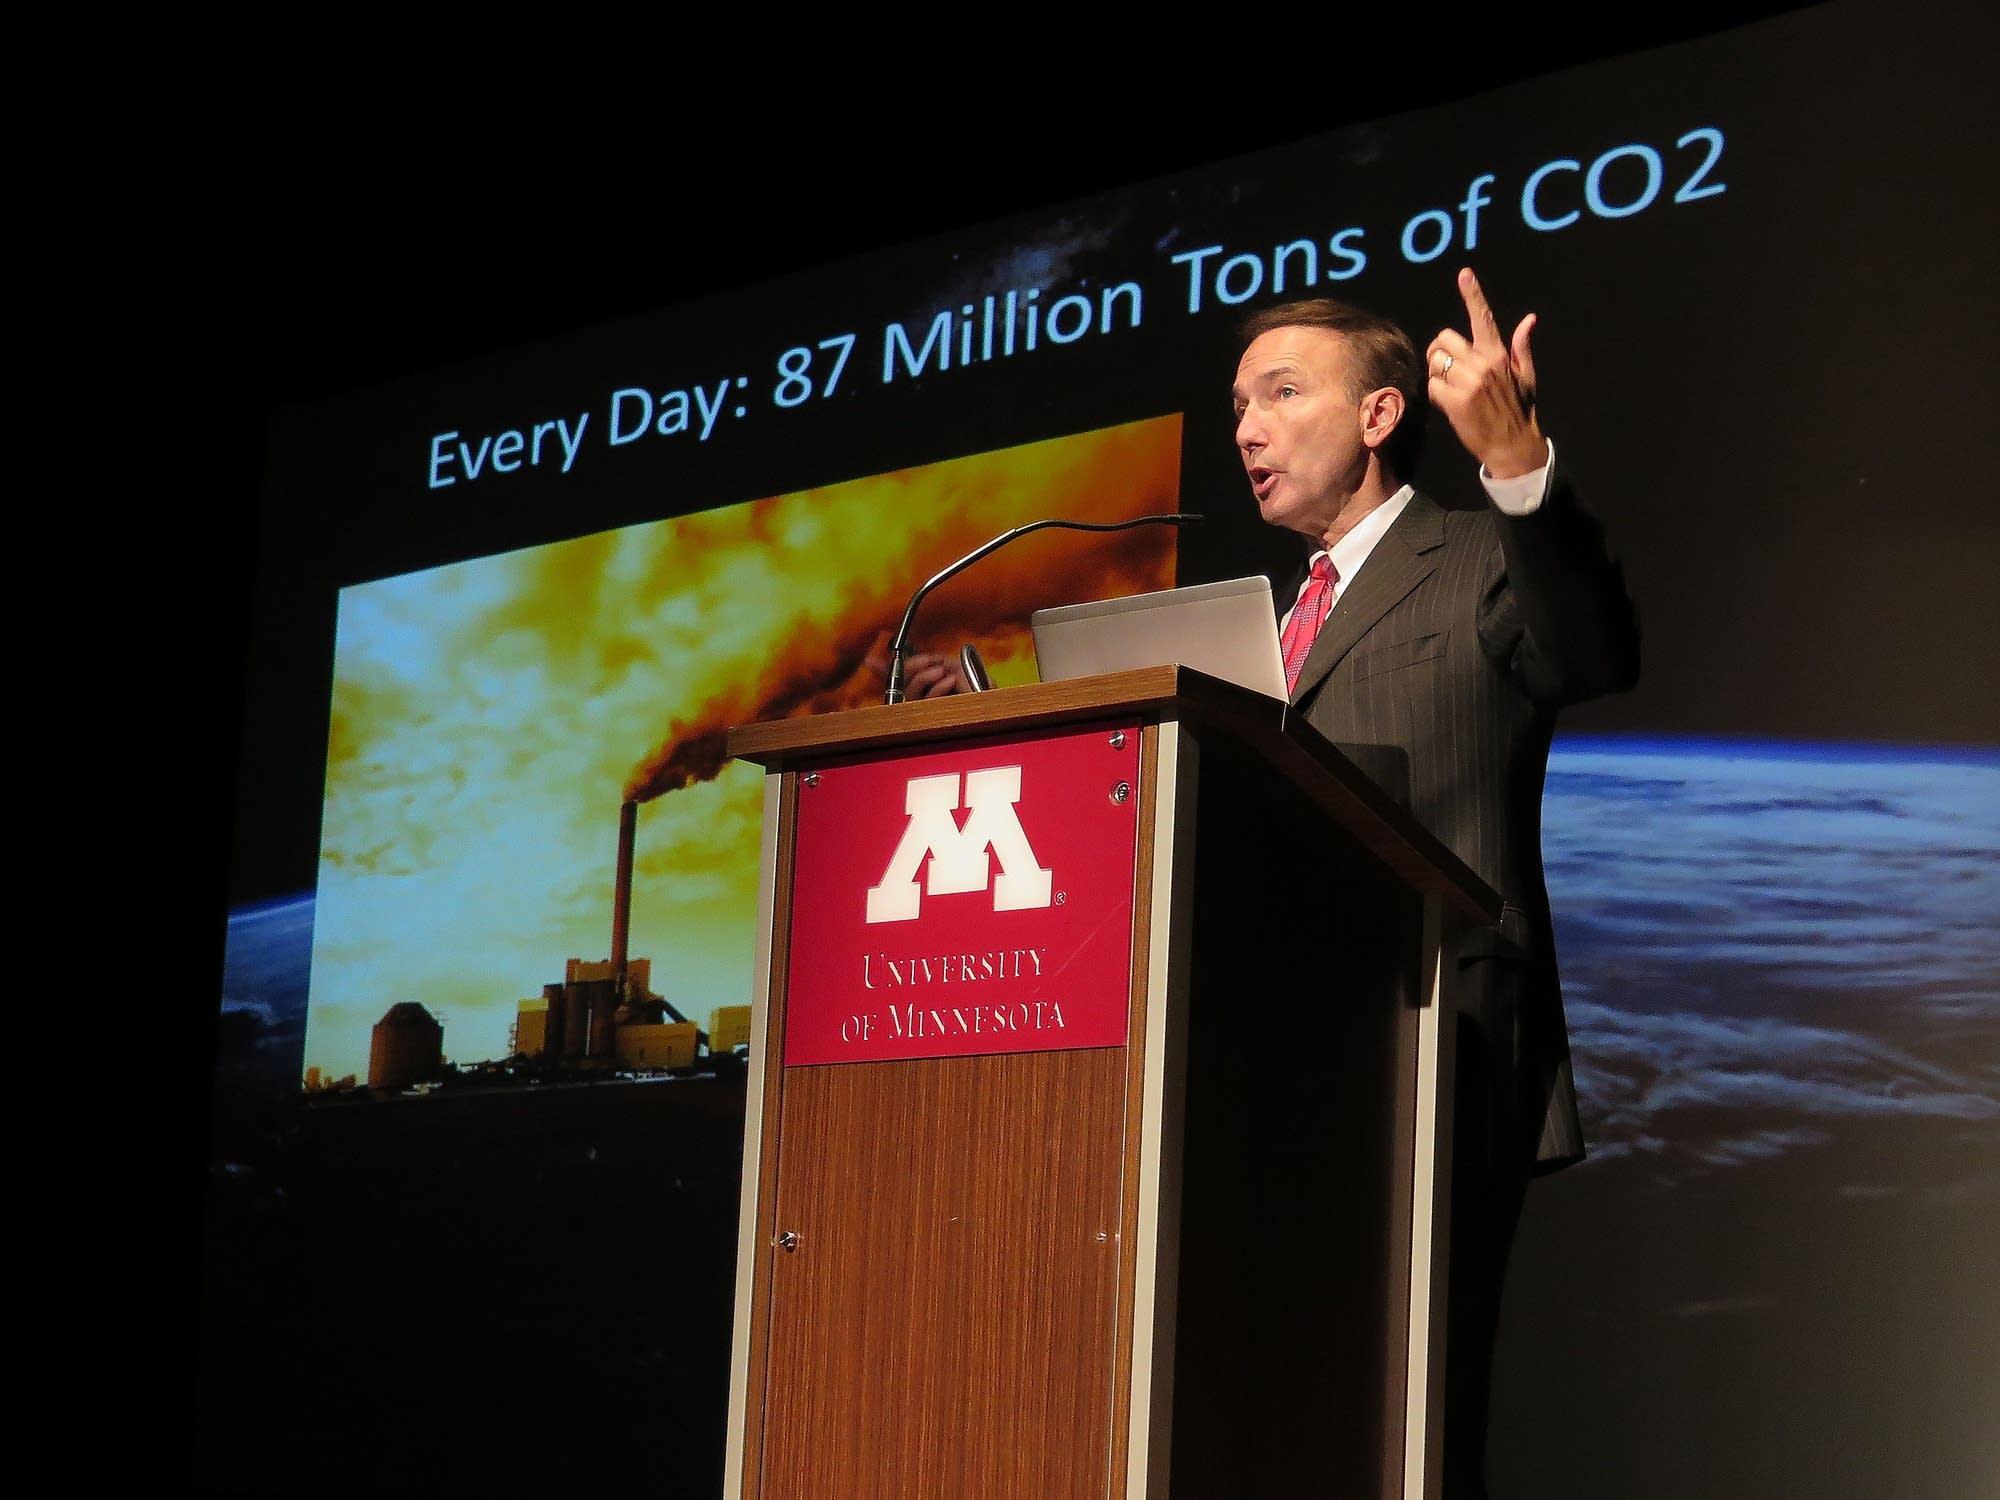 Paul Douglas speaks about climate change.